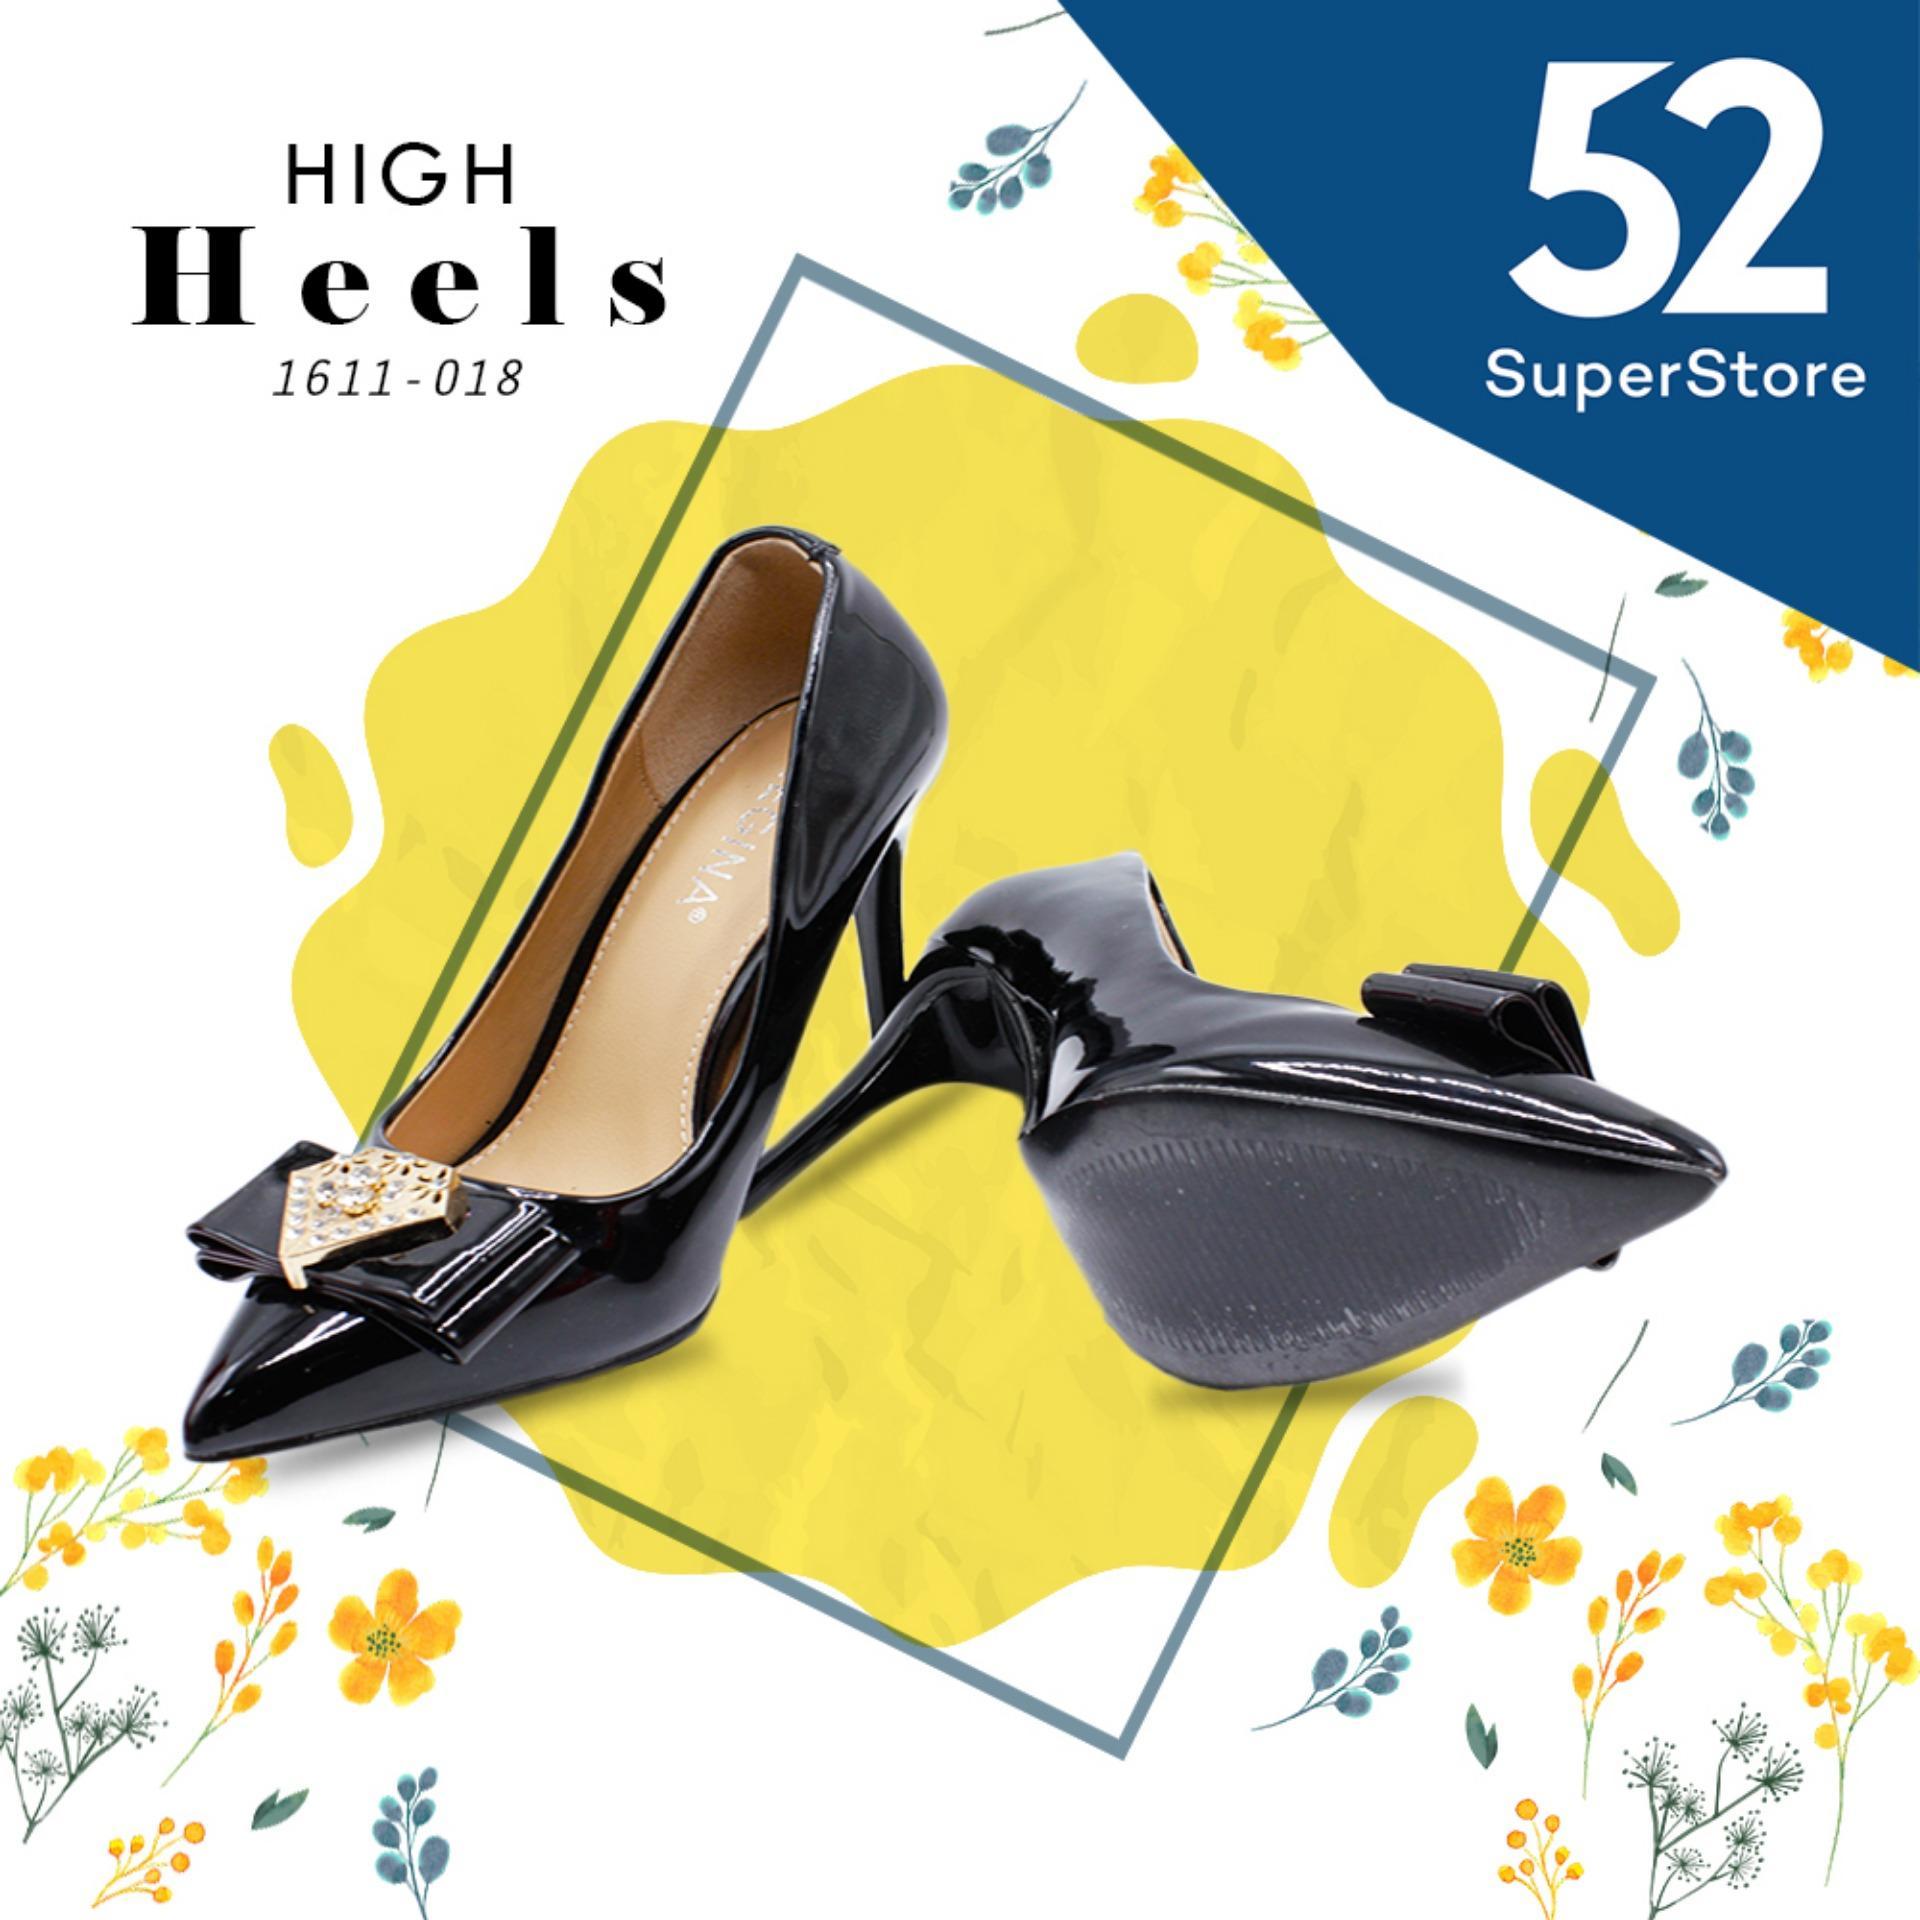 Regina Sepatu Pantofel Wanita 1611-018 - Black (HAK 9 cm) Size 36-40